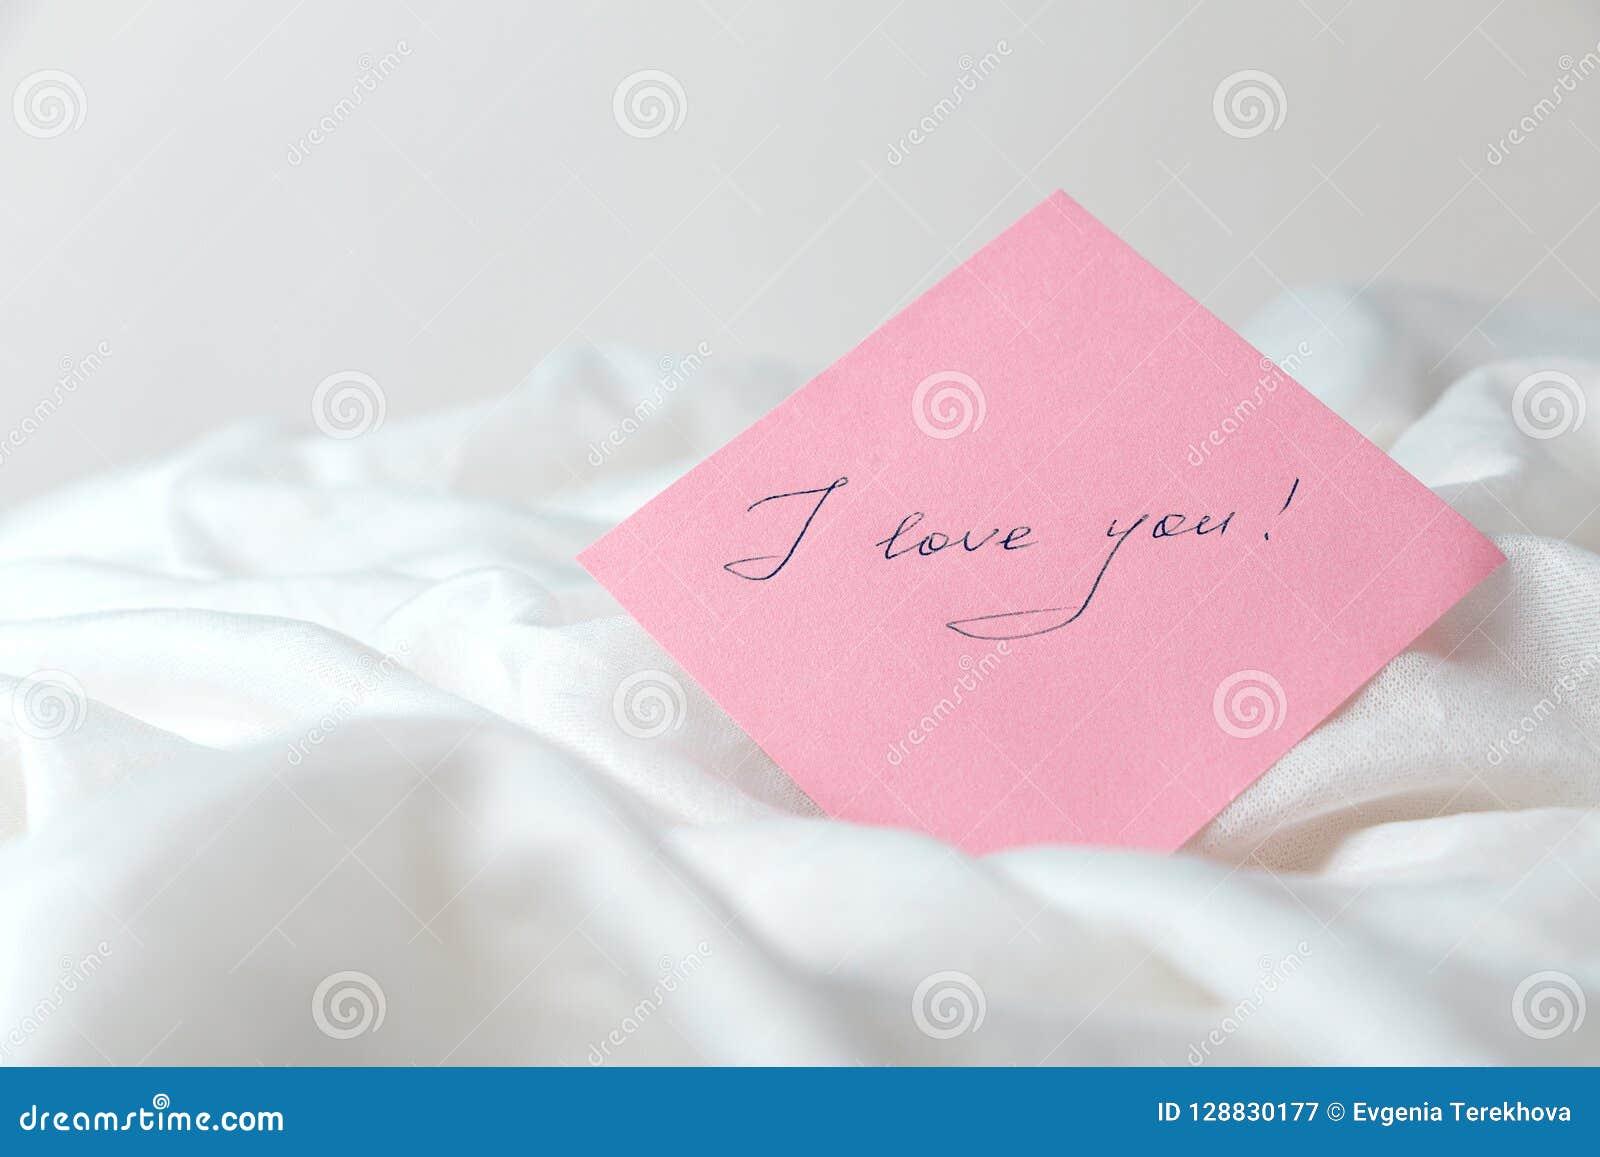 Ich liebe dich ich weiß